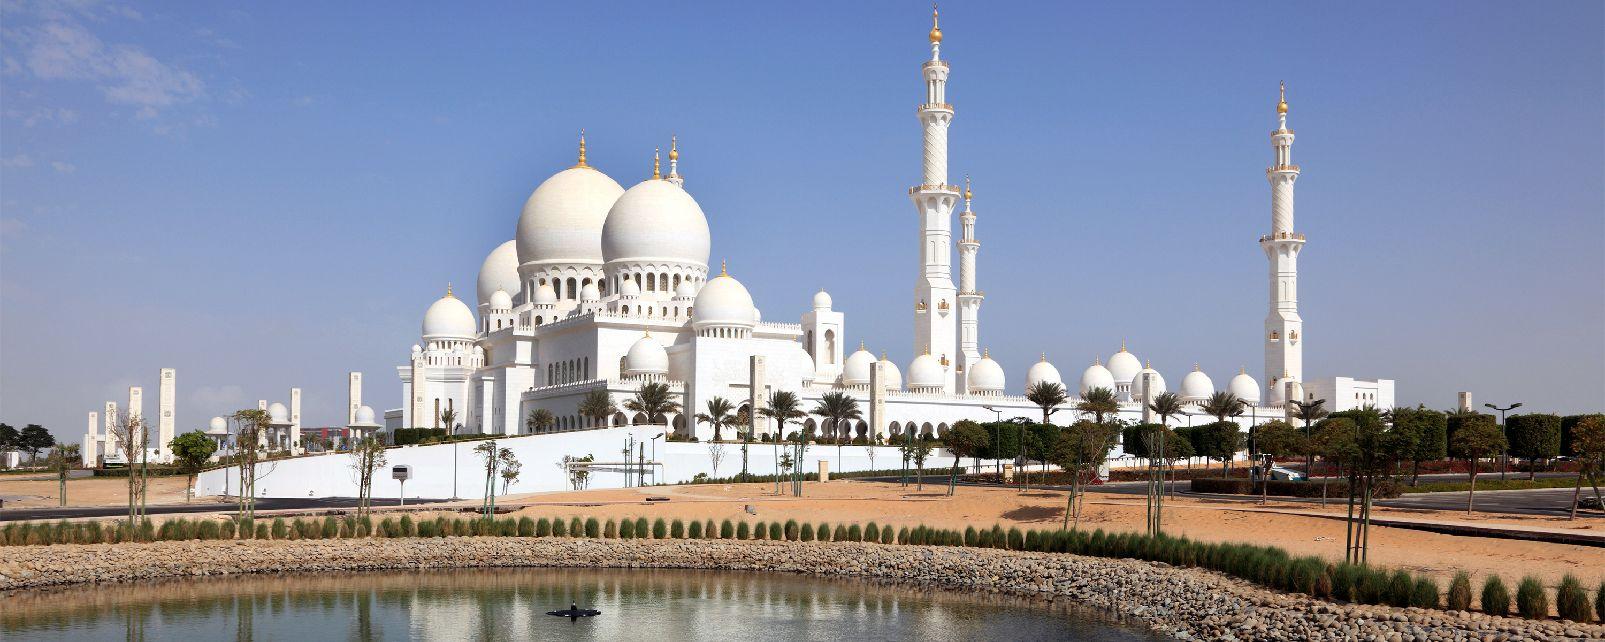 Abu Dhabi Vol Hotel